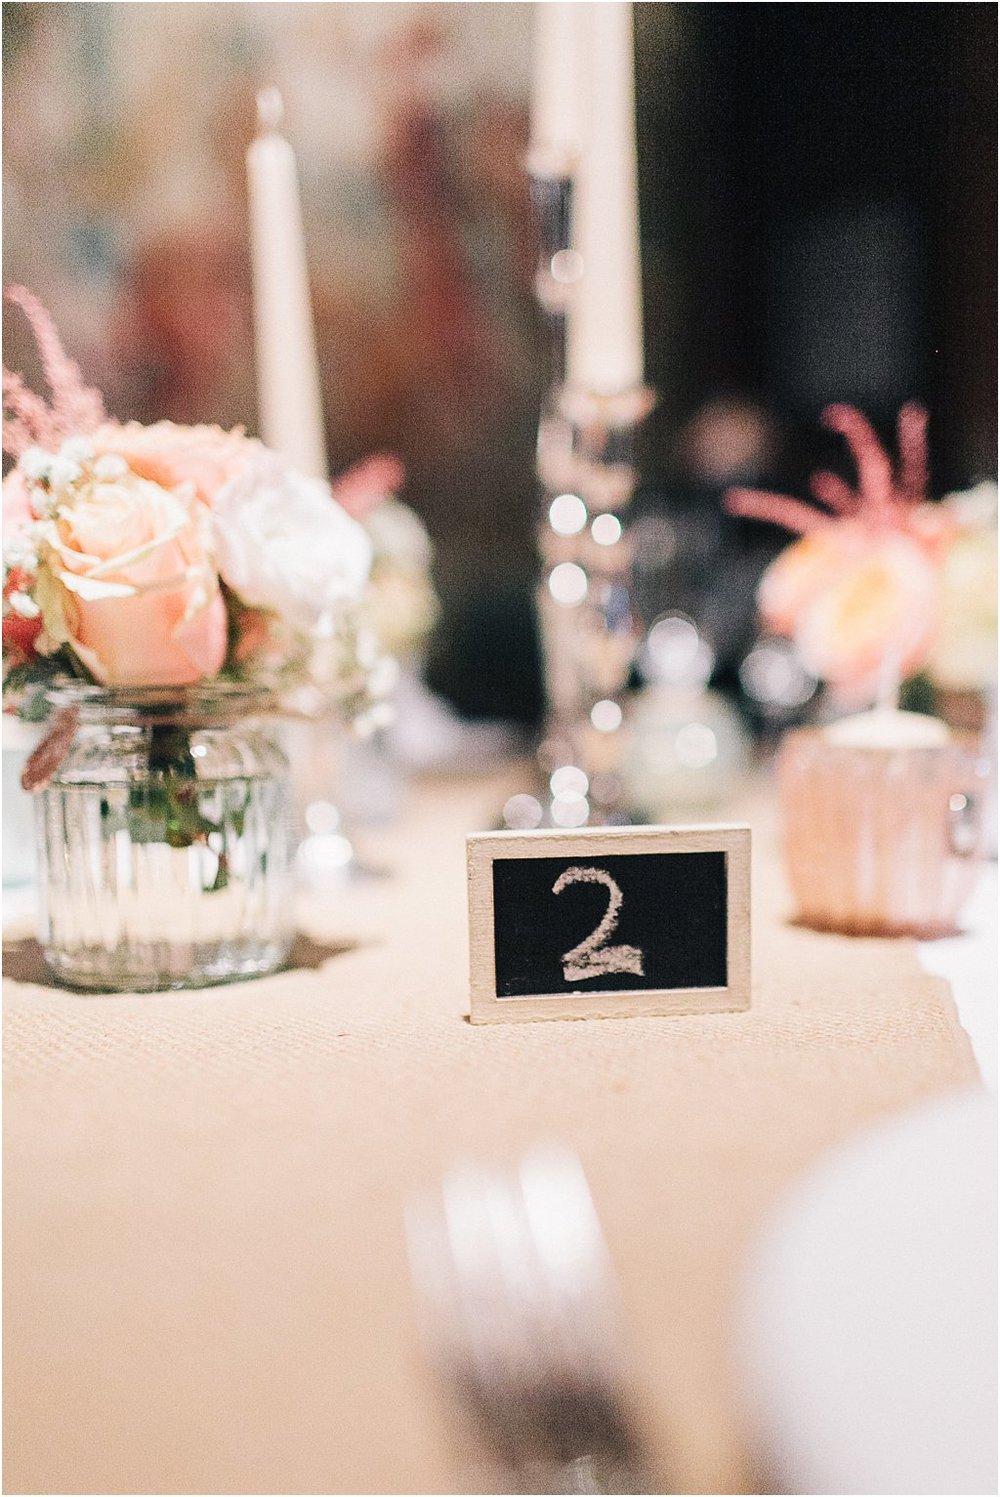 Tischnummer Tafel klein